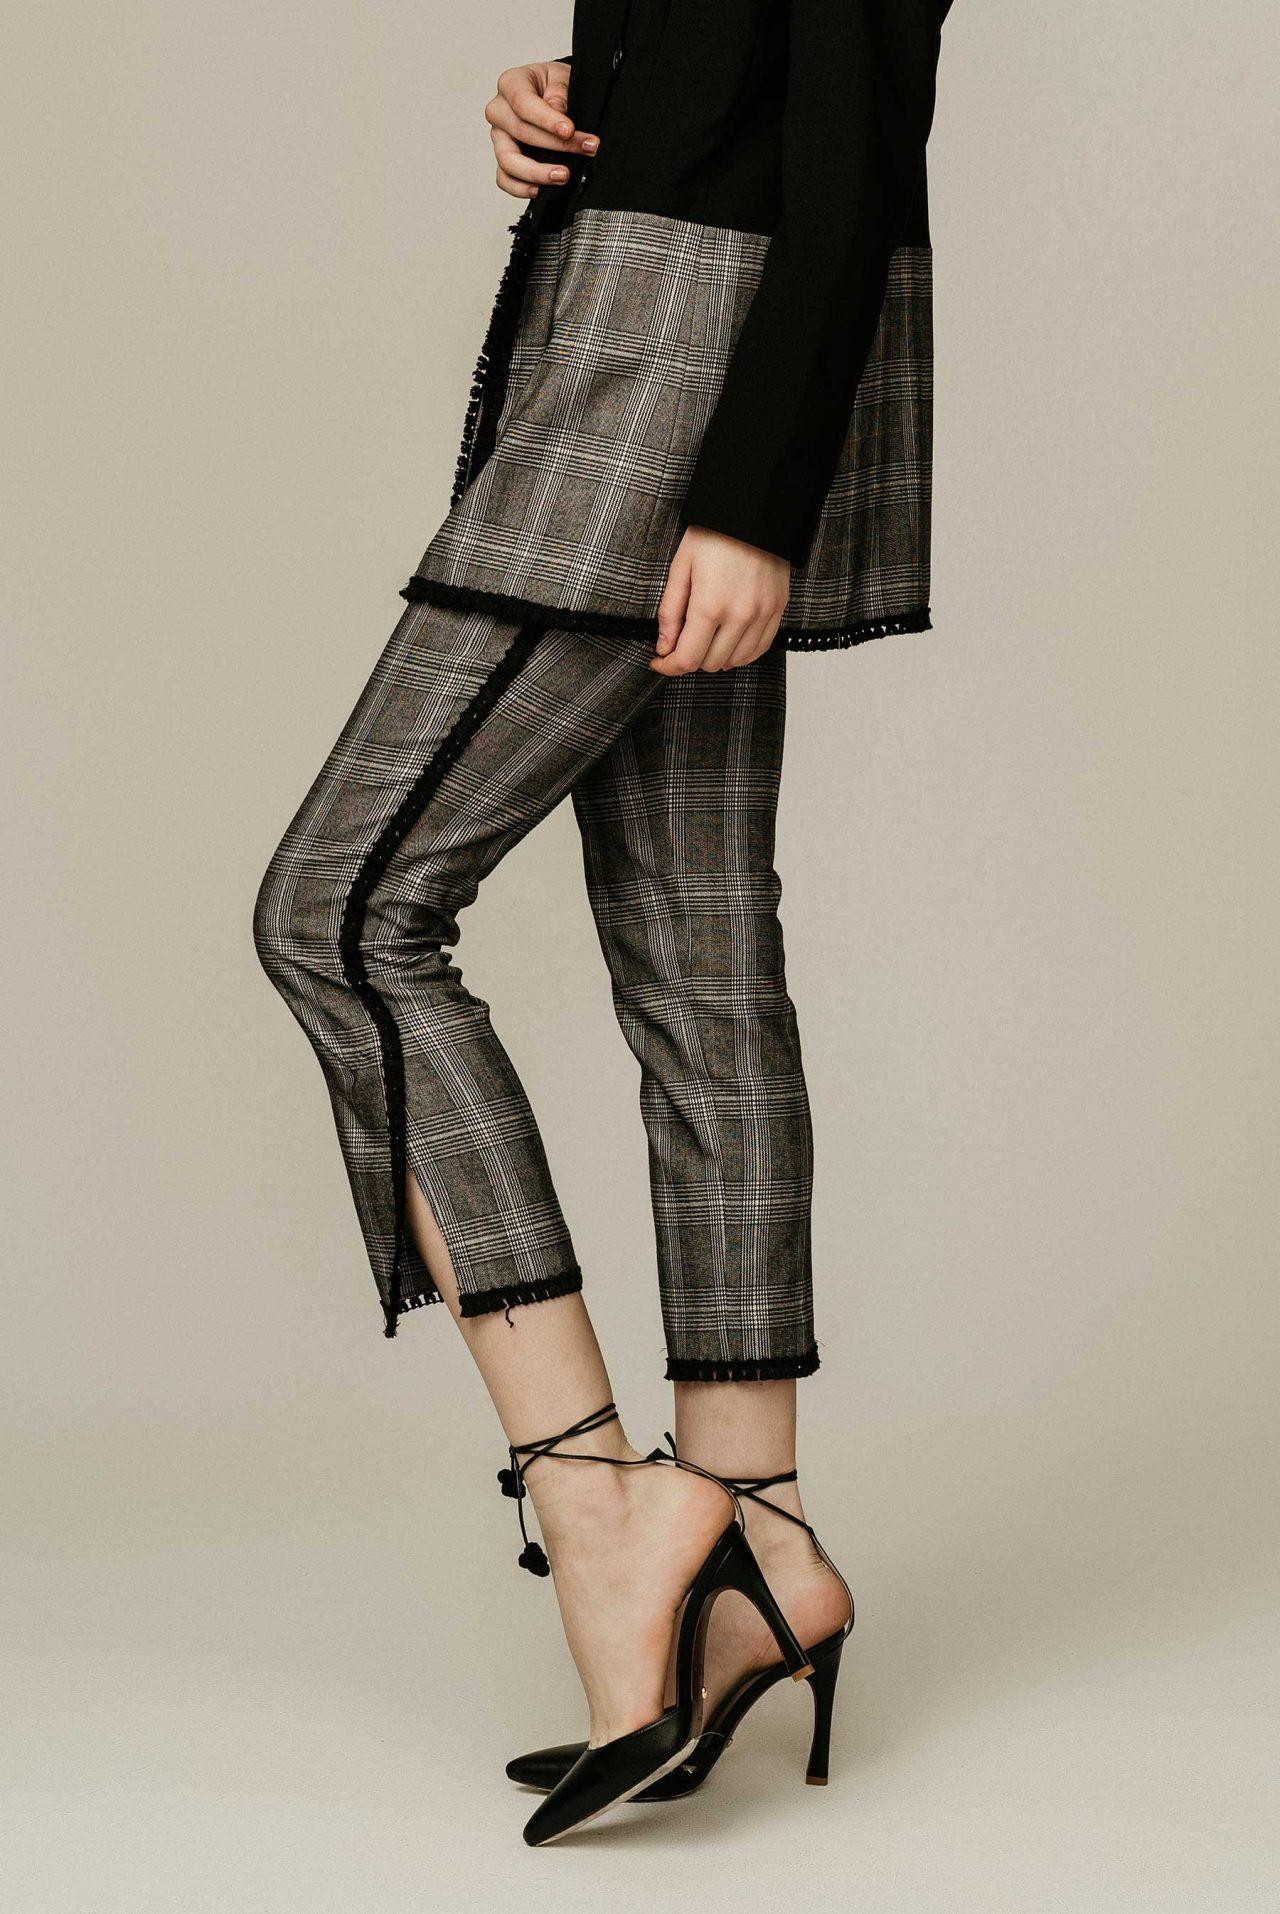 5402-glen-plaid-pants-with-trim-detail2